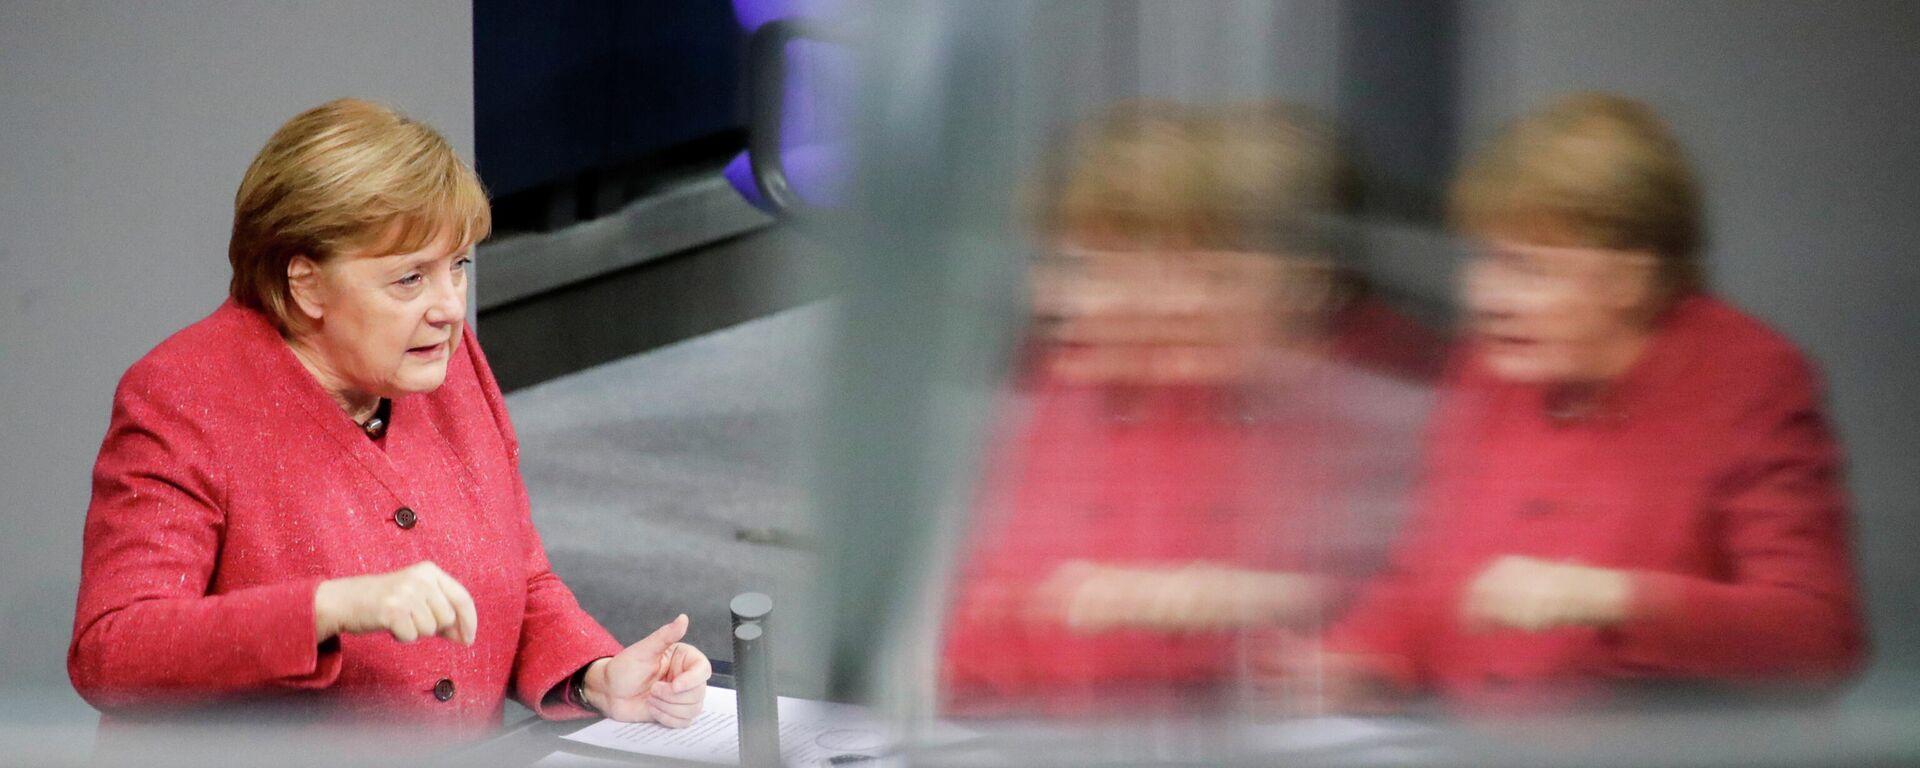 Bundeskanzlerin Angela Merkel im Bundestag (09.12.2020) - SNA, 1920, 09.12.2020